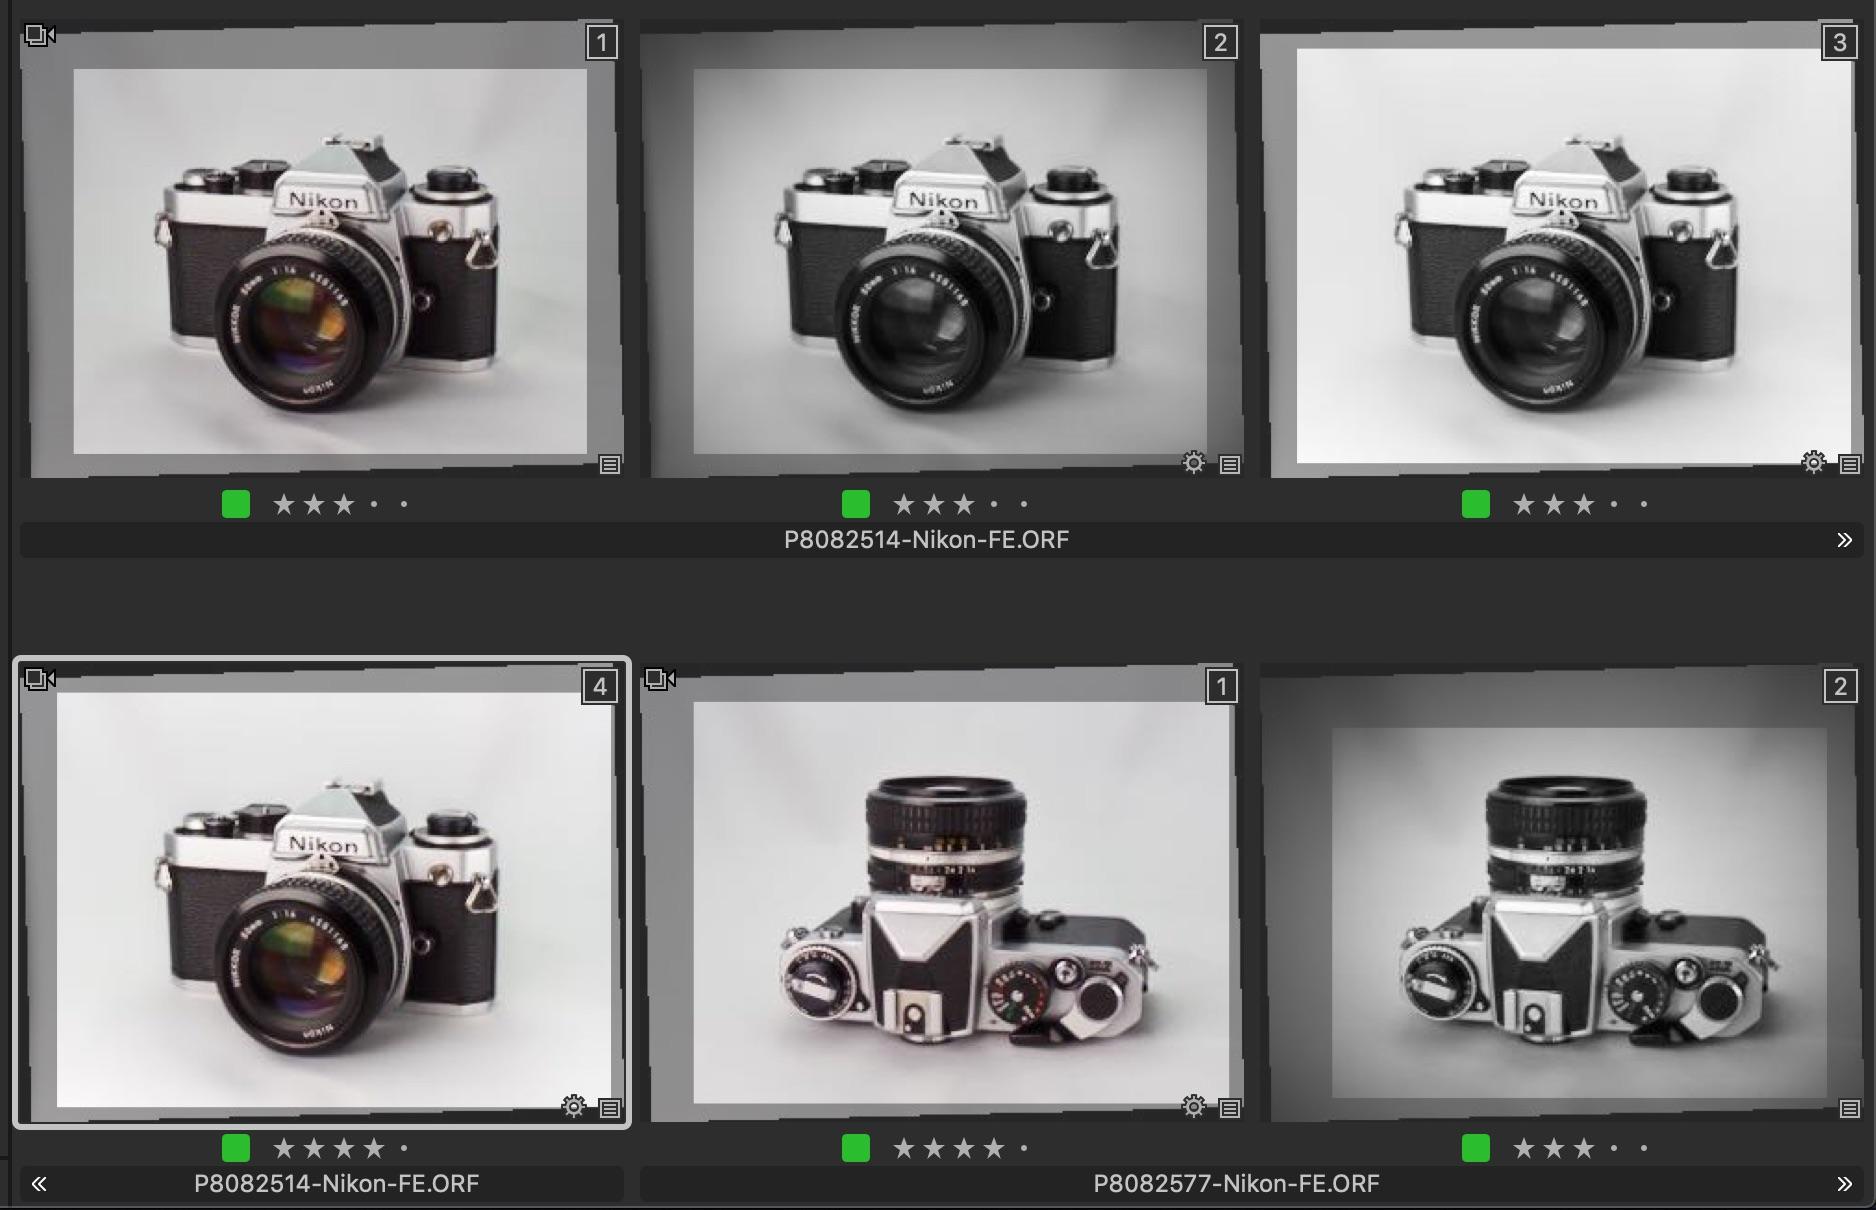 http://thedigitalstory.com/2019/09/04/Nikon-Cameras.jpg